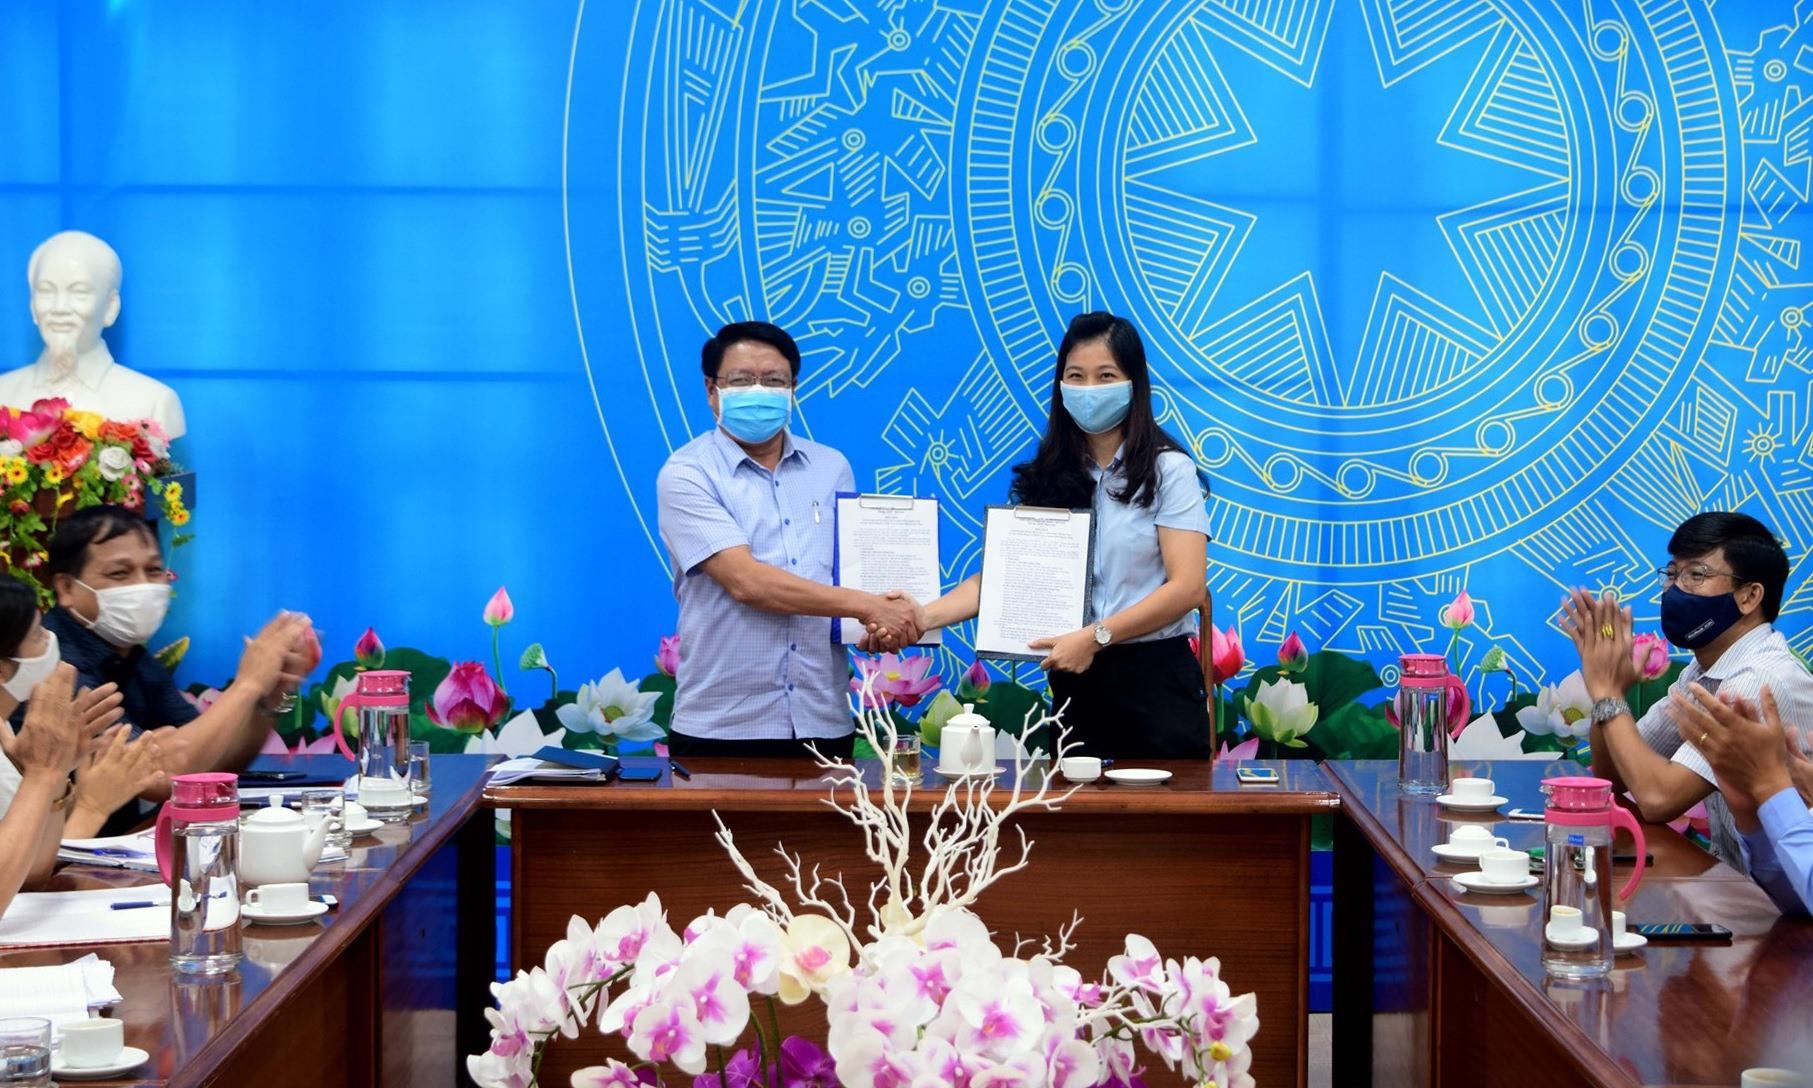 Chuyển giao Đoàn Khối các cơ quan về trực thuộc Đảng ủy Khối các cơ quan tỉnh